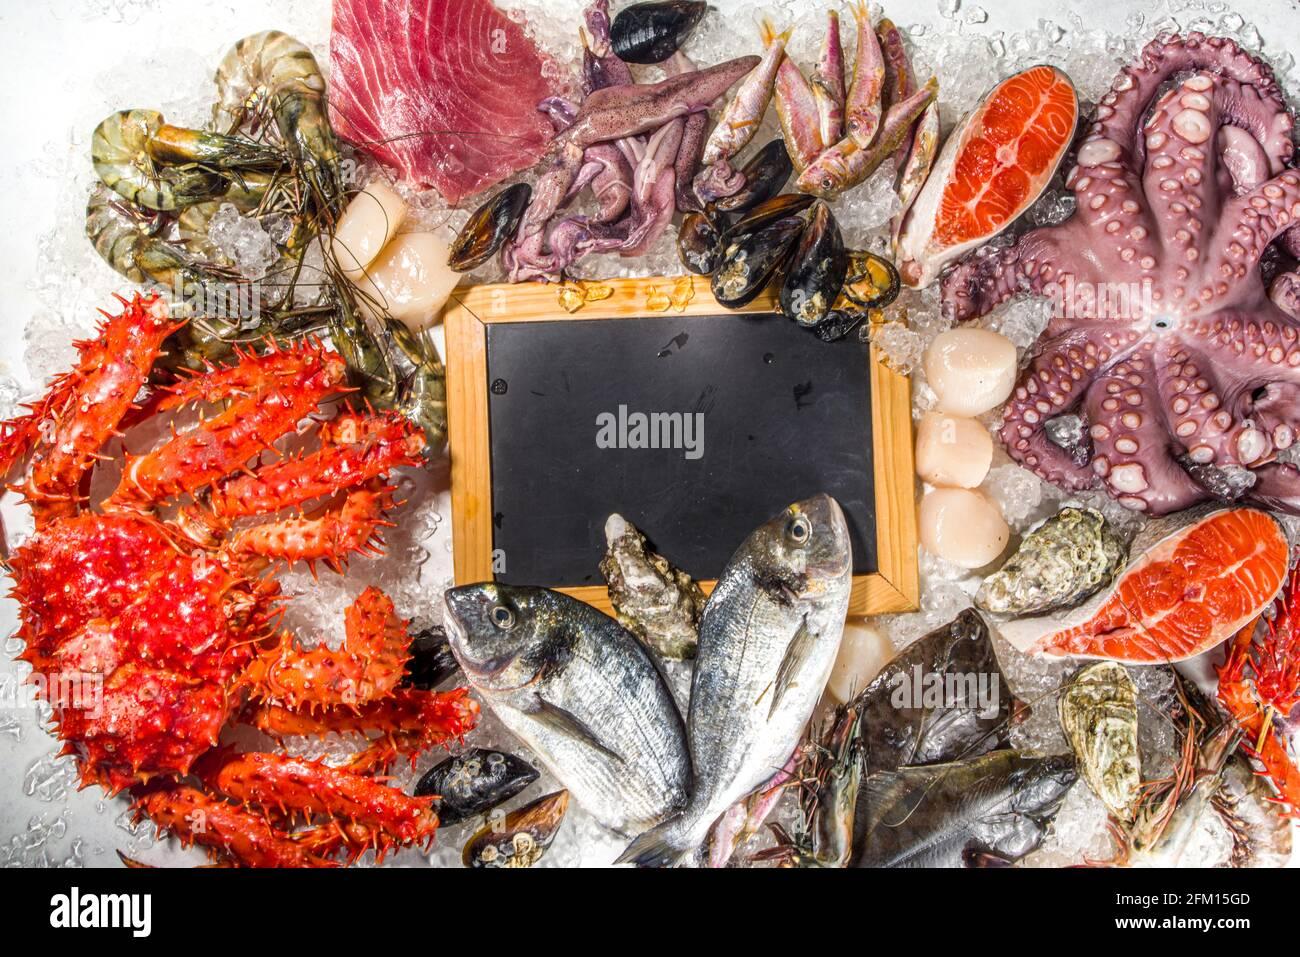 Ensemble de divers fruits de mer frais crus - pieuvre, crabe, calmar, crevettes, huître, moules, saumon thon dorada poisson avec épices d'herbes citron, dos blanc Banque D'Images